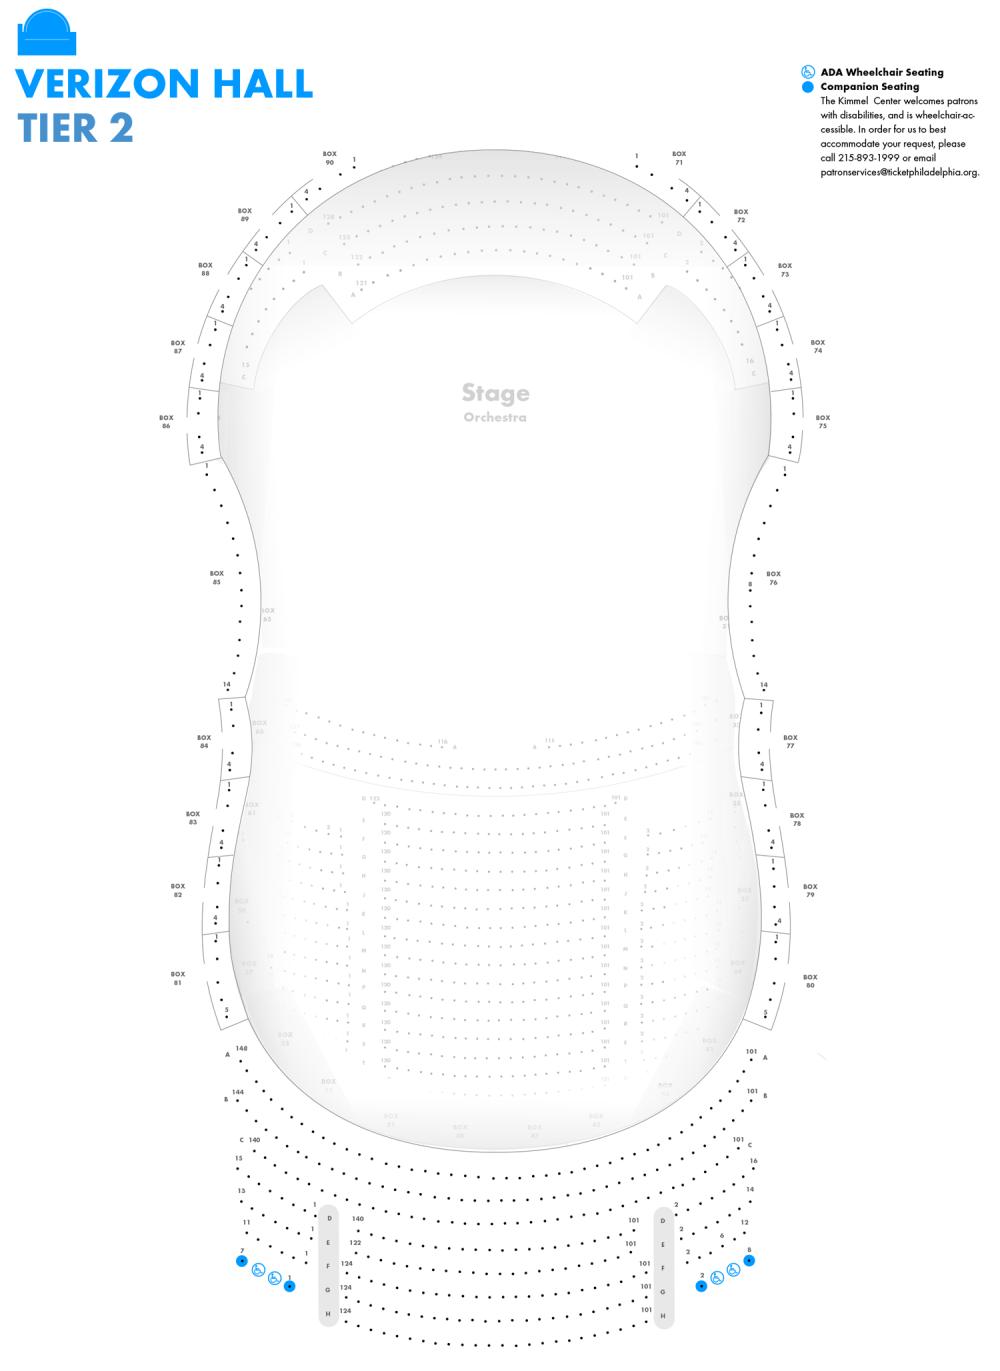 medium resolution of verizon hall second tier seating chart